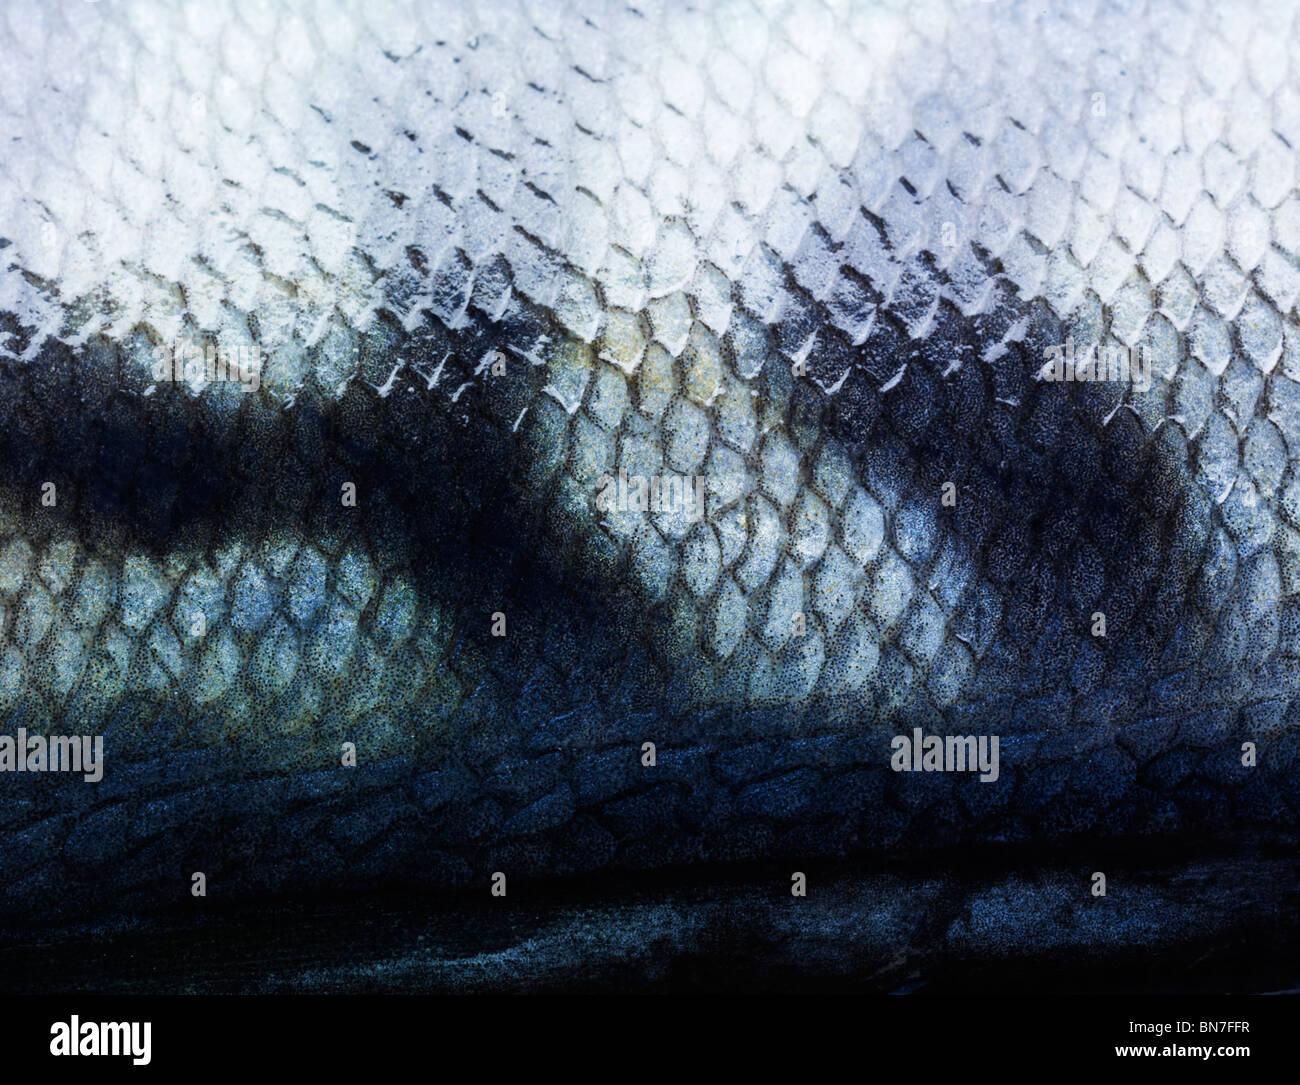 Close-up de caballa escamas de pez muestra con detalle y patrón. Imagen De Stock